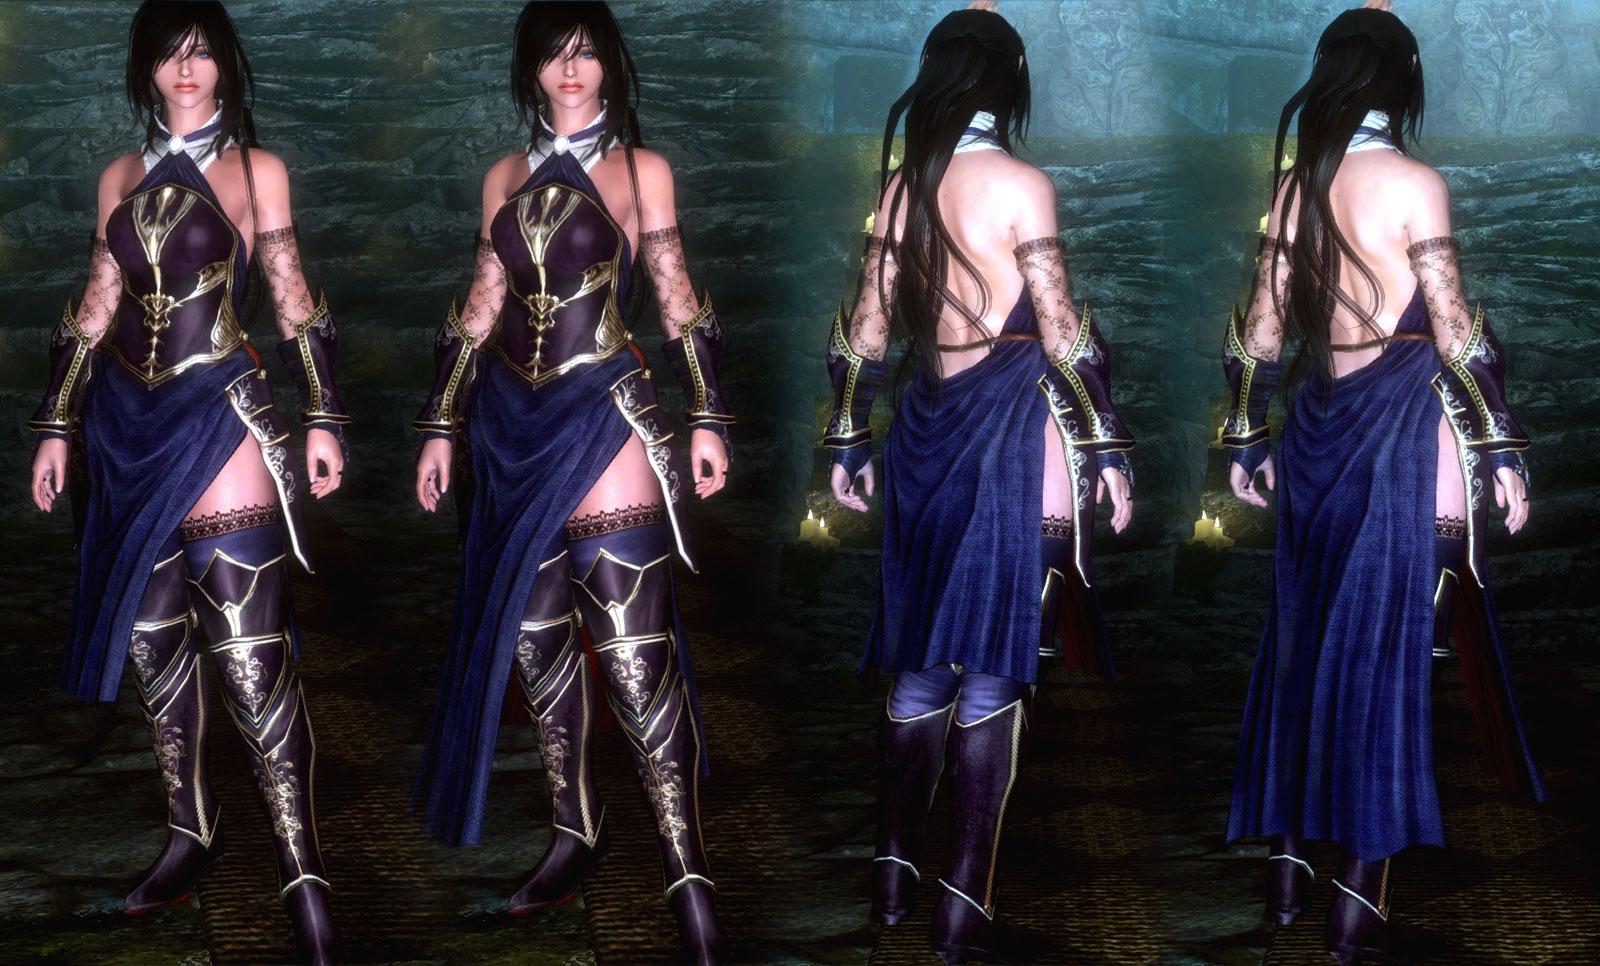 R18Pn 09 - Shanoa Armor